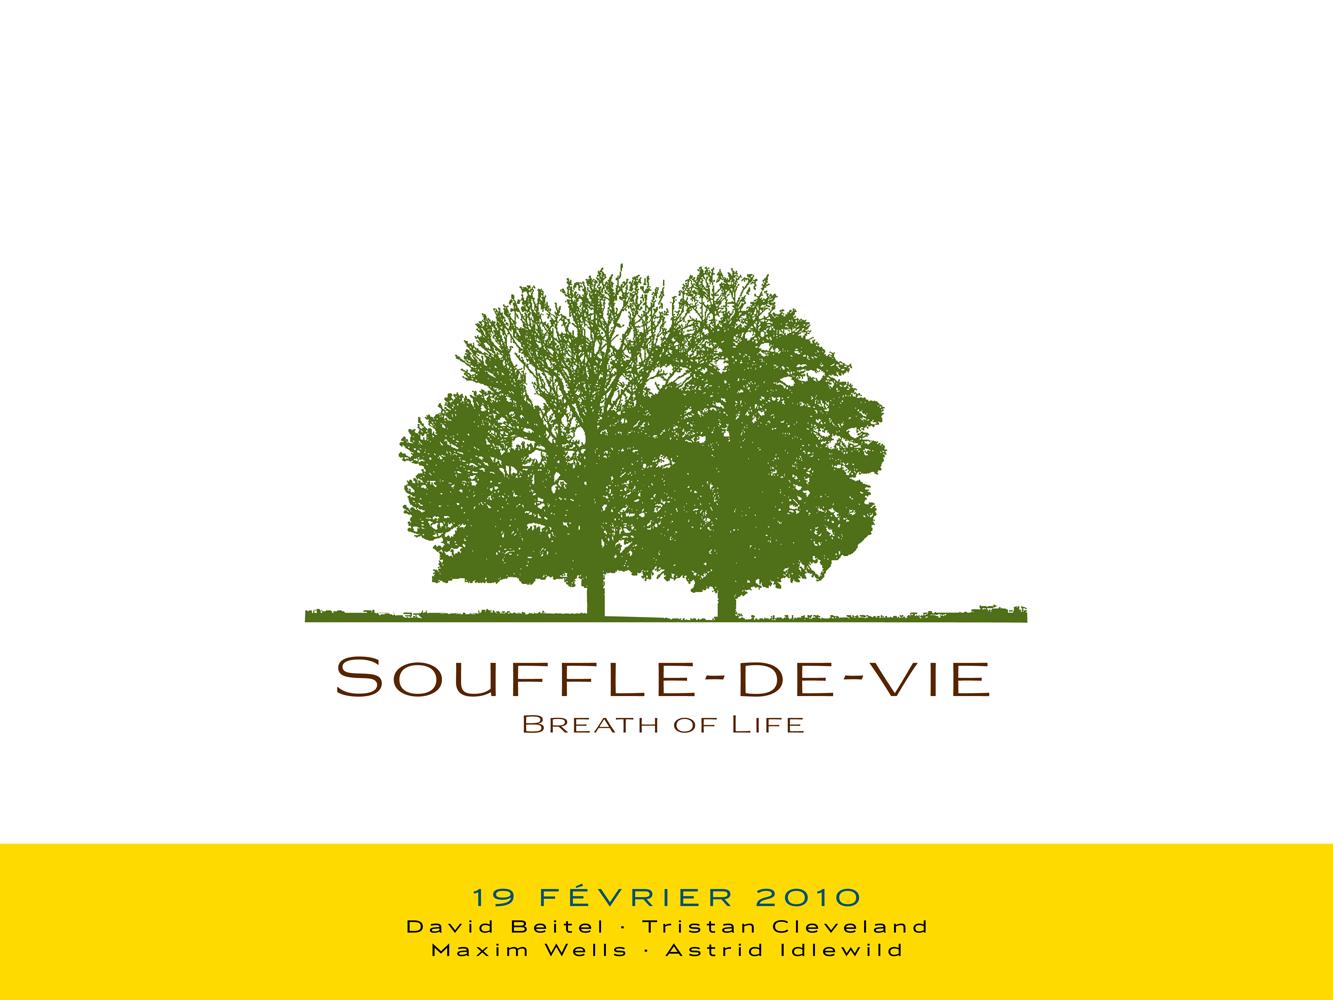 2010.02.19 Souffle-de-vie cover